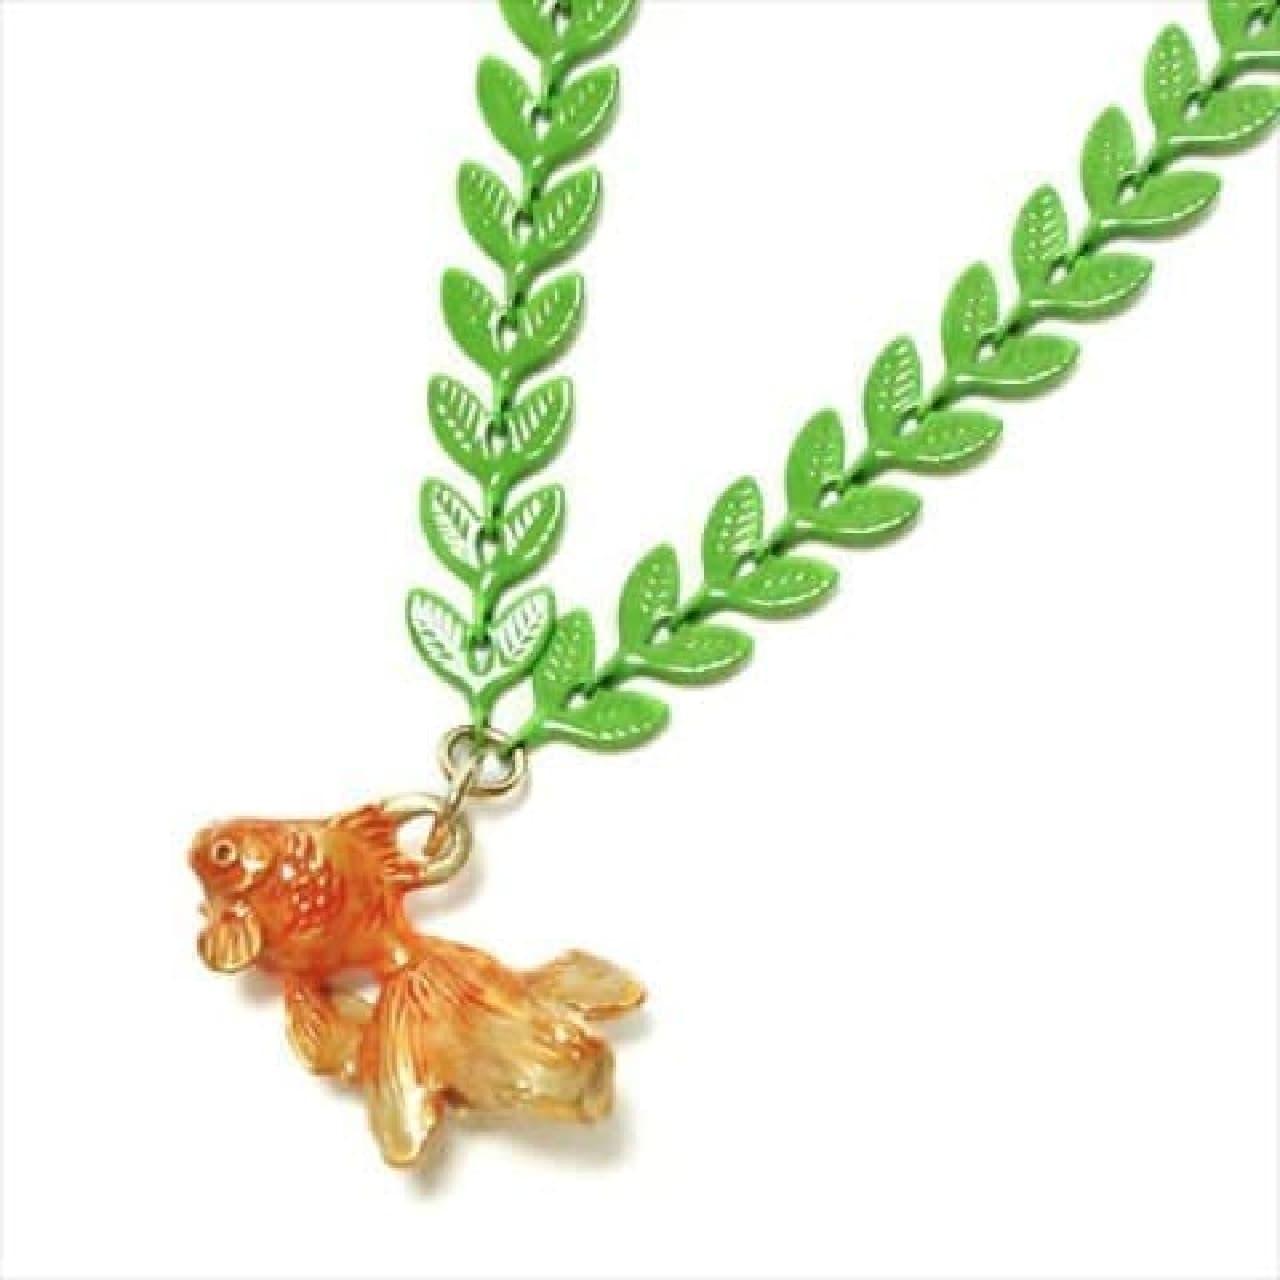 ヴィレッジヴァンガードオンライン店にて「金魚特集」が開始。さまざまな姿の金魚をモチーフにした雑貨やアクセサリー